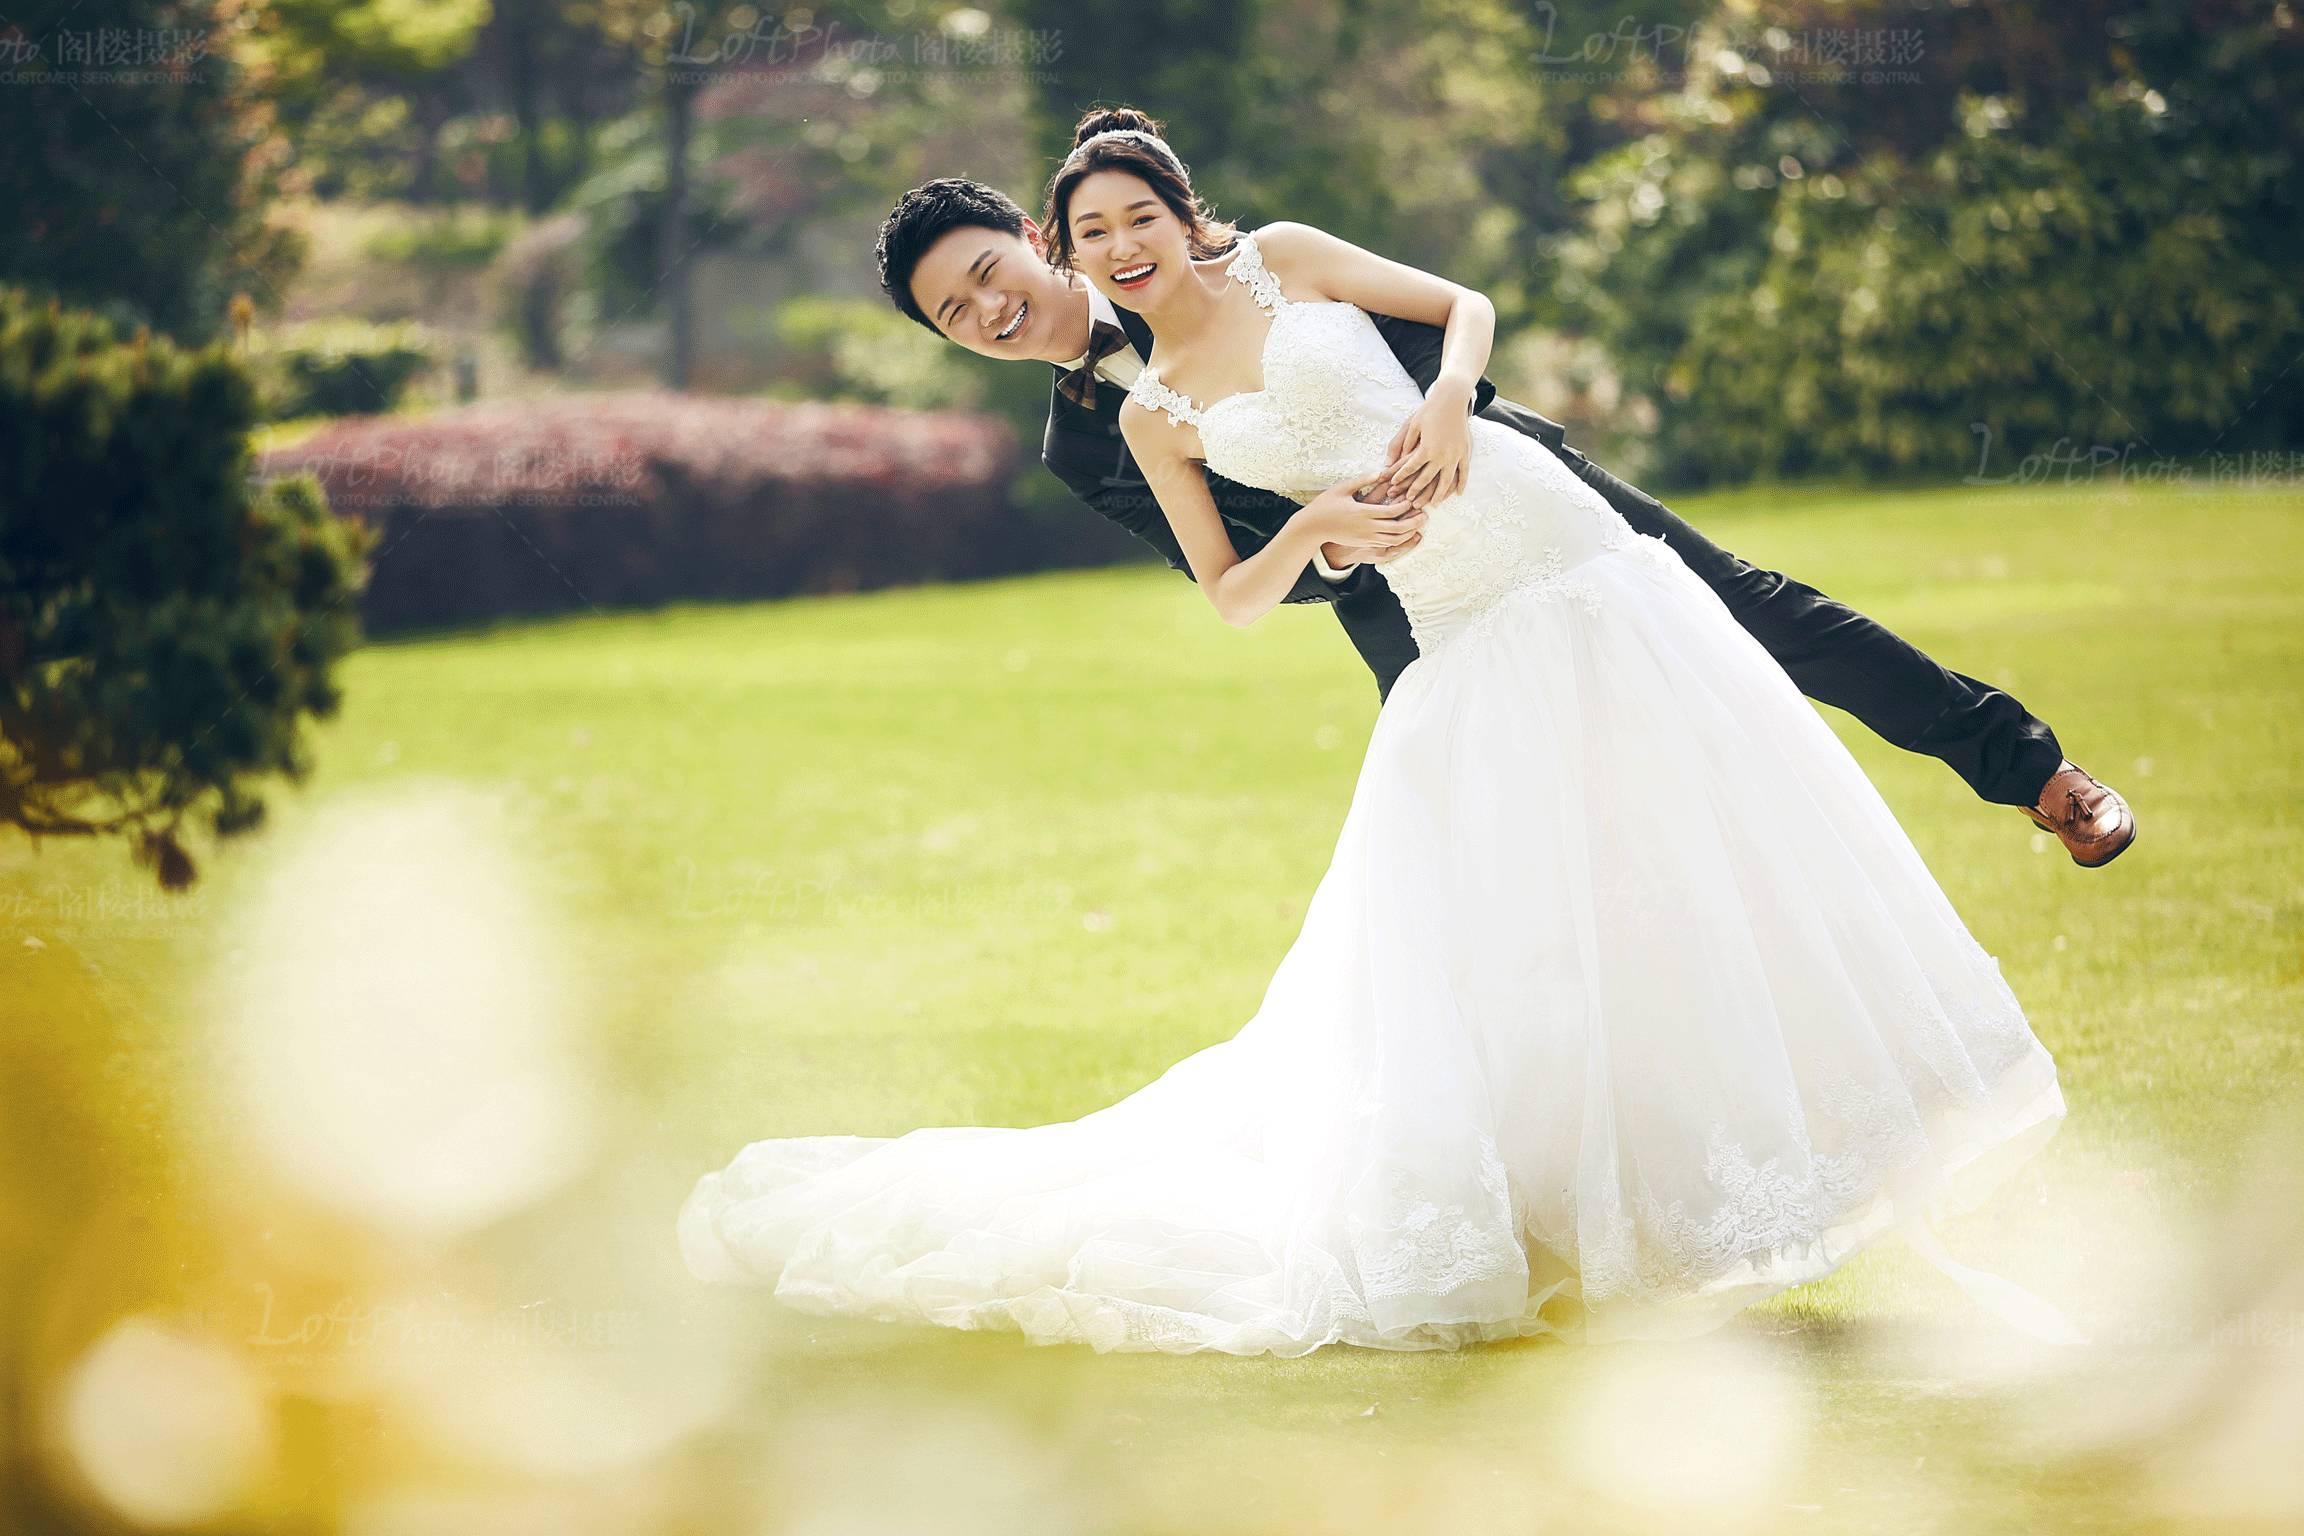 2017婚纱流行新趋势 你要的婚纱都在这里